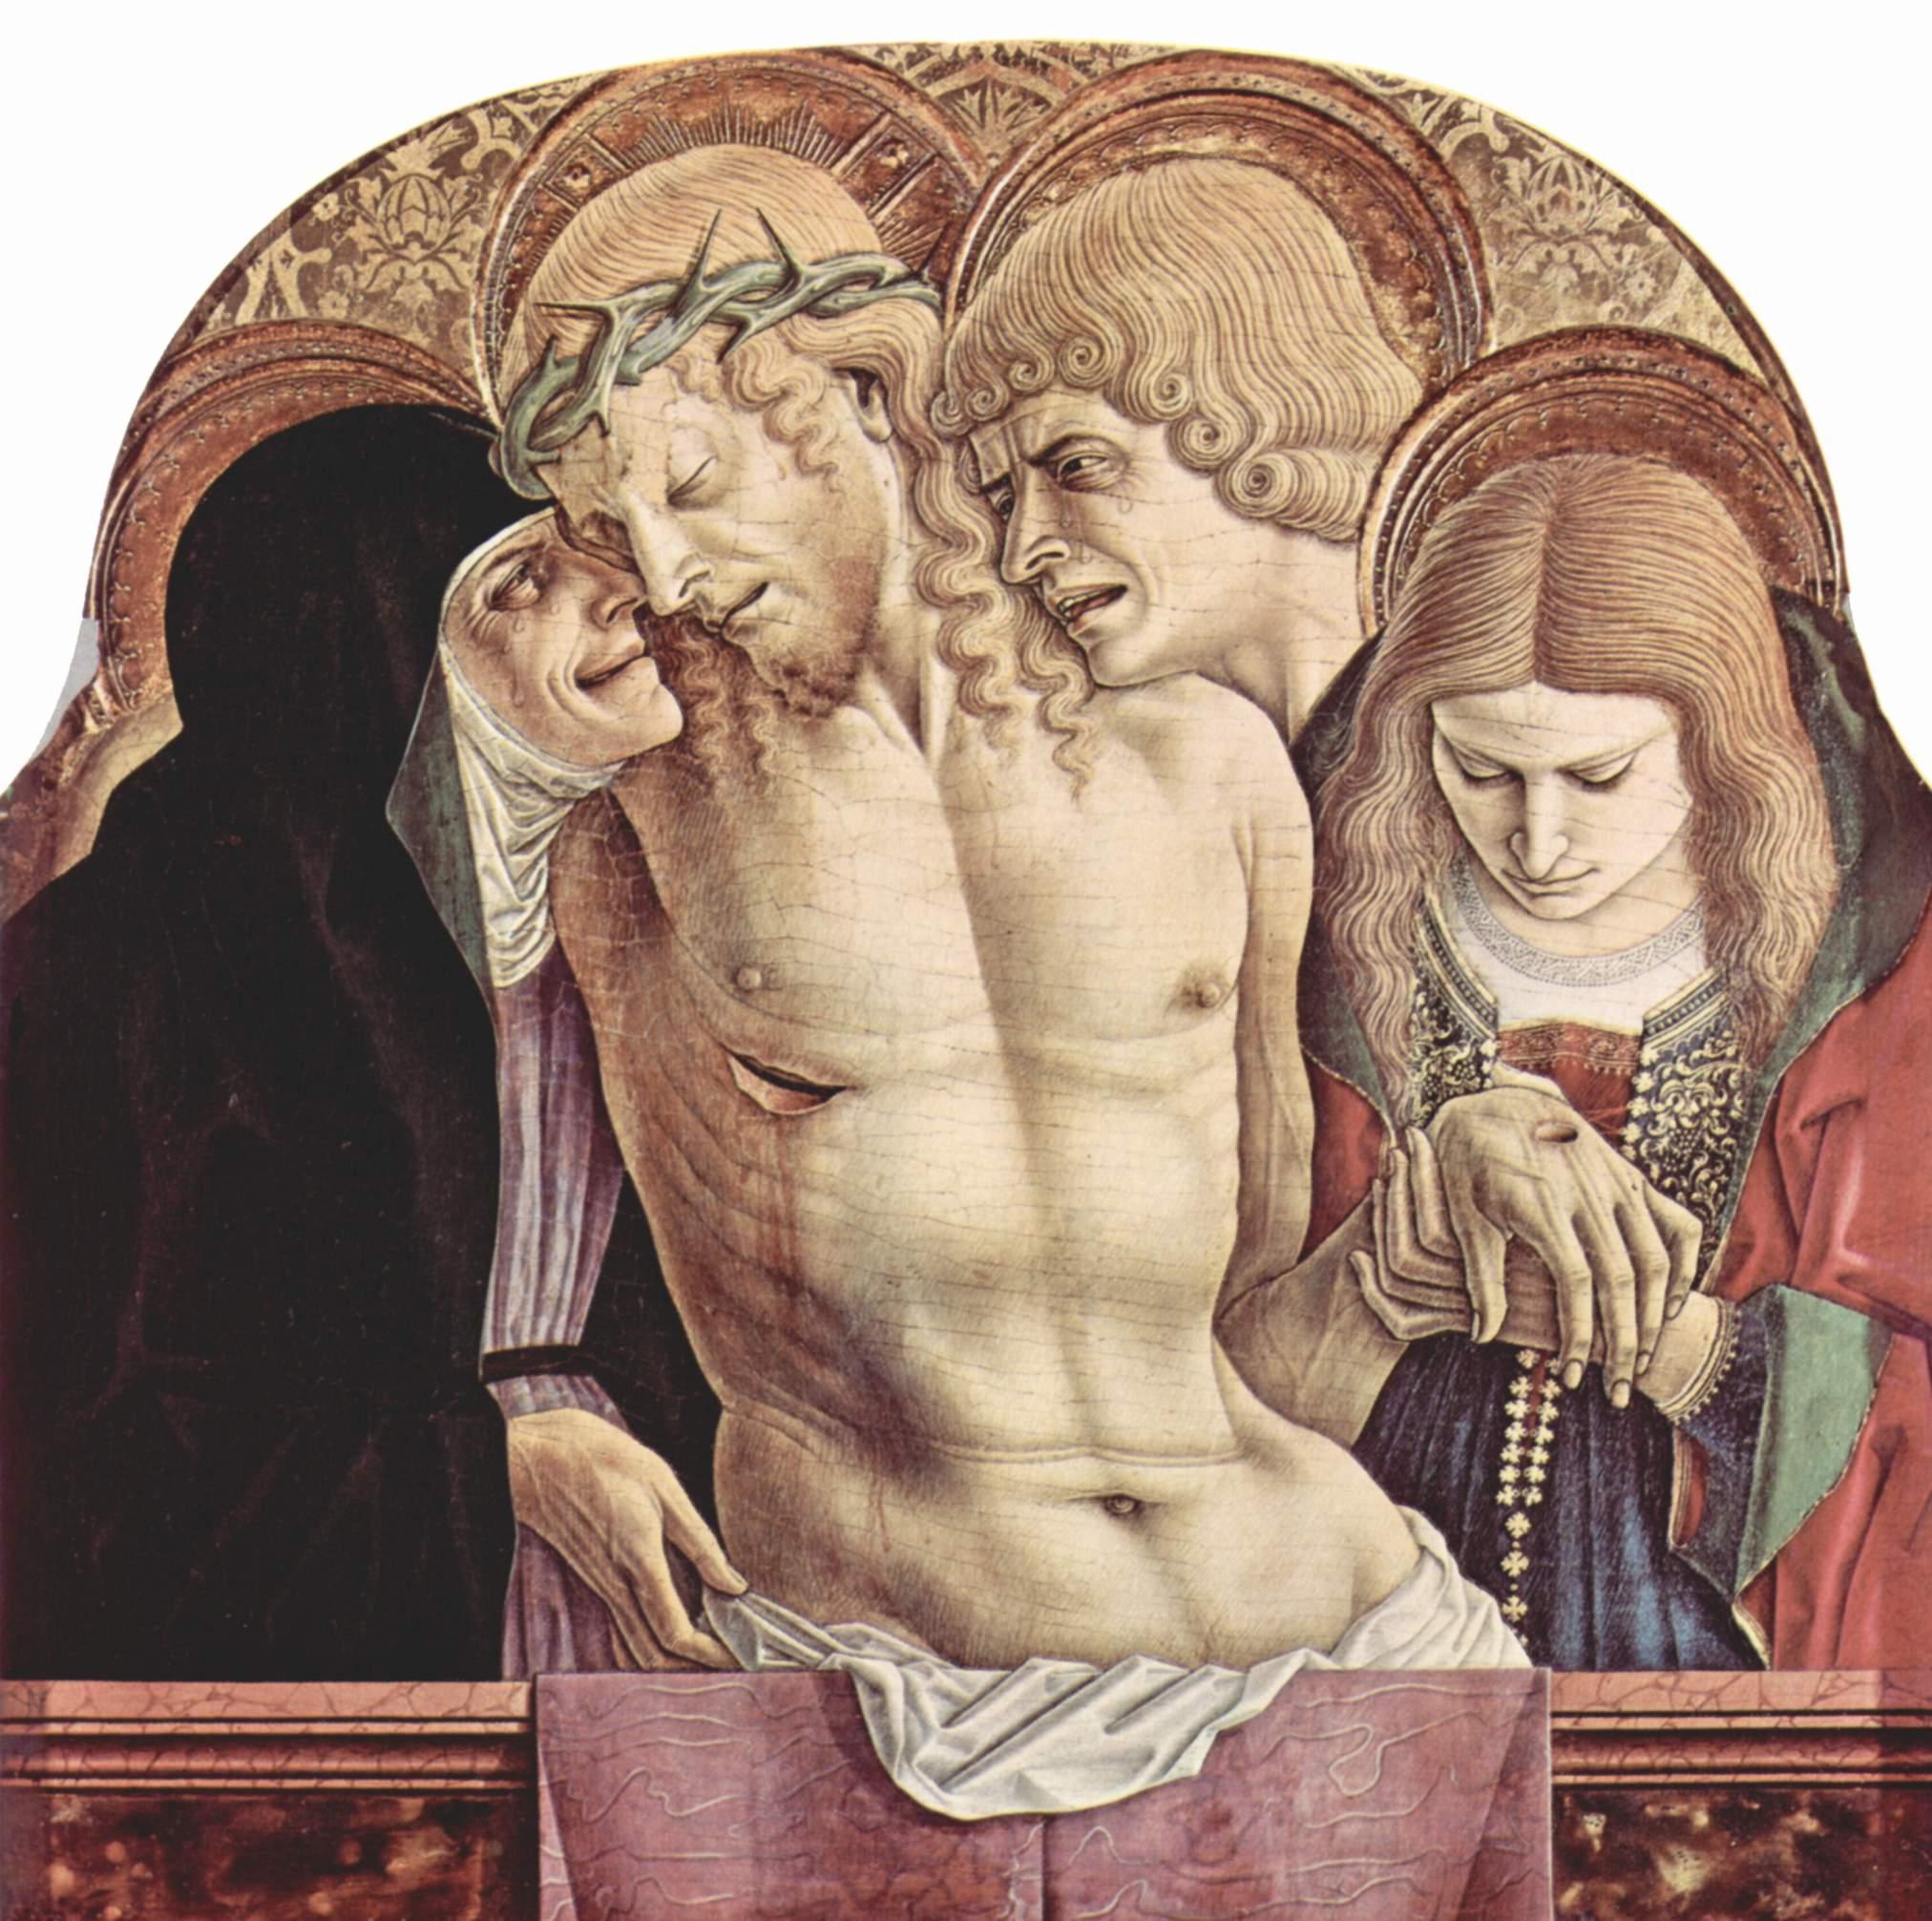 Центральный алтарь кафедрального собора в Асколи, полиптих, навершие средней части  оплакивание Христа, Карло Кривелли